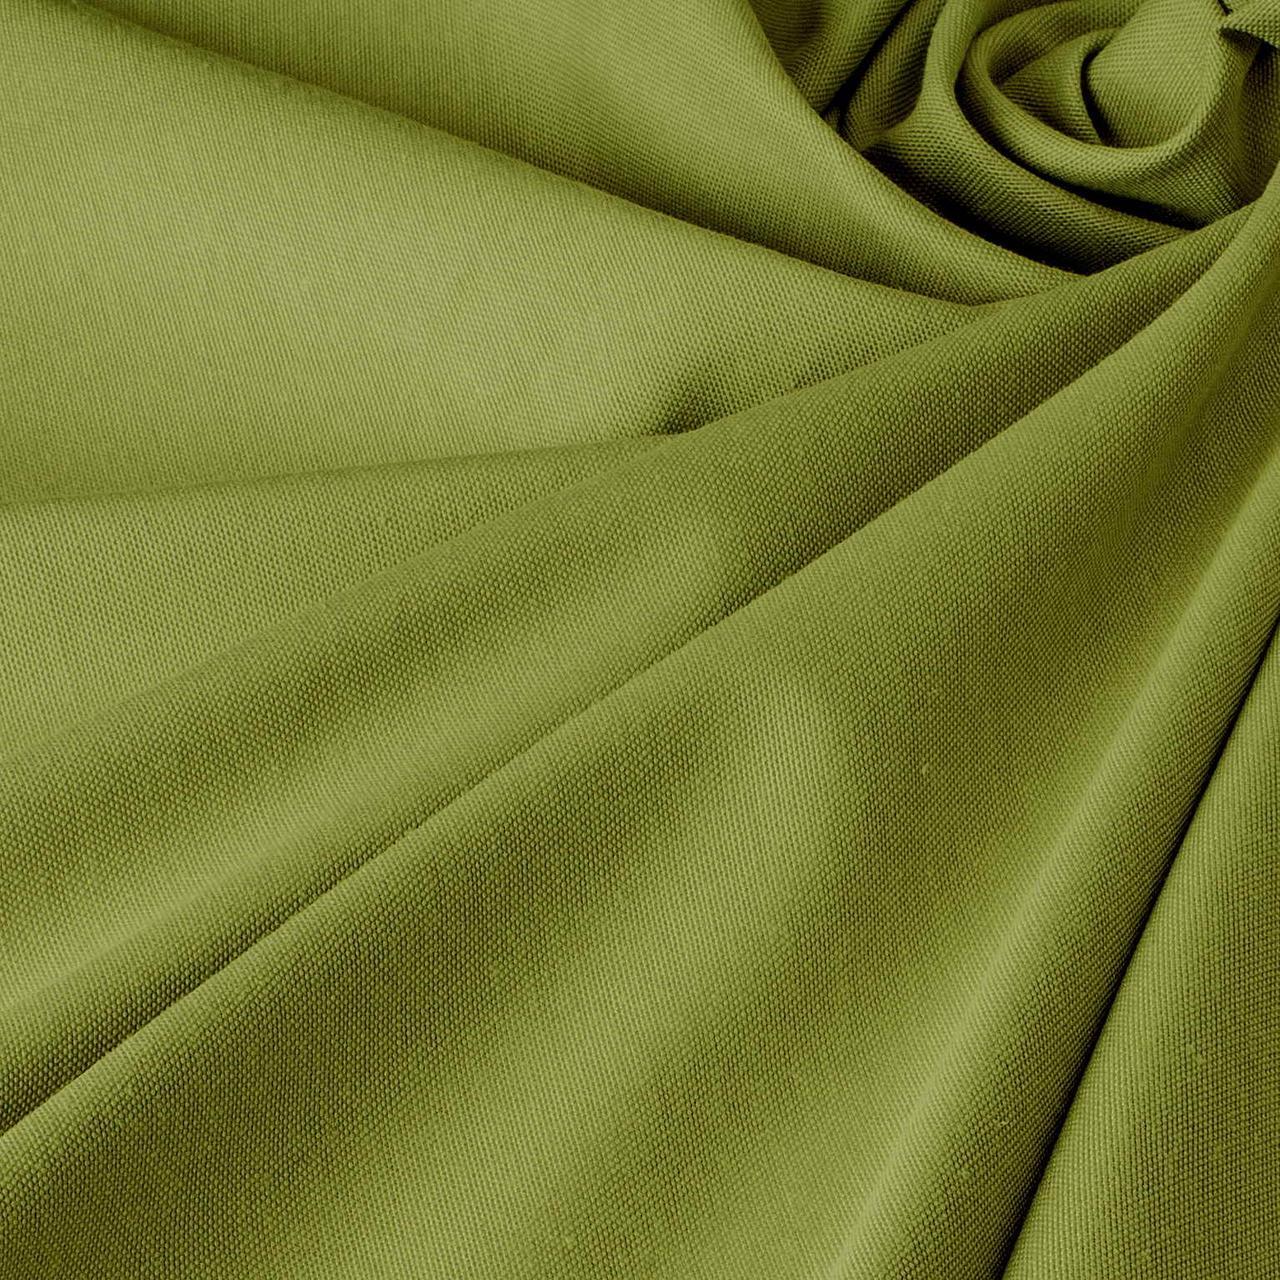 Однотонна декоративна тканина лісовий зелений тефлон TDRY-81126